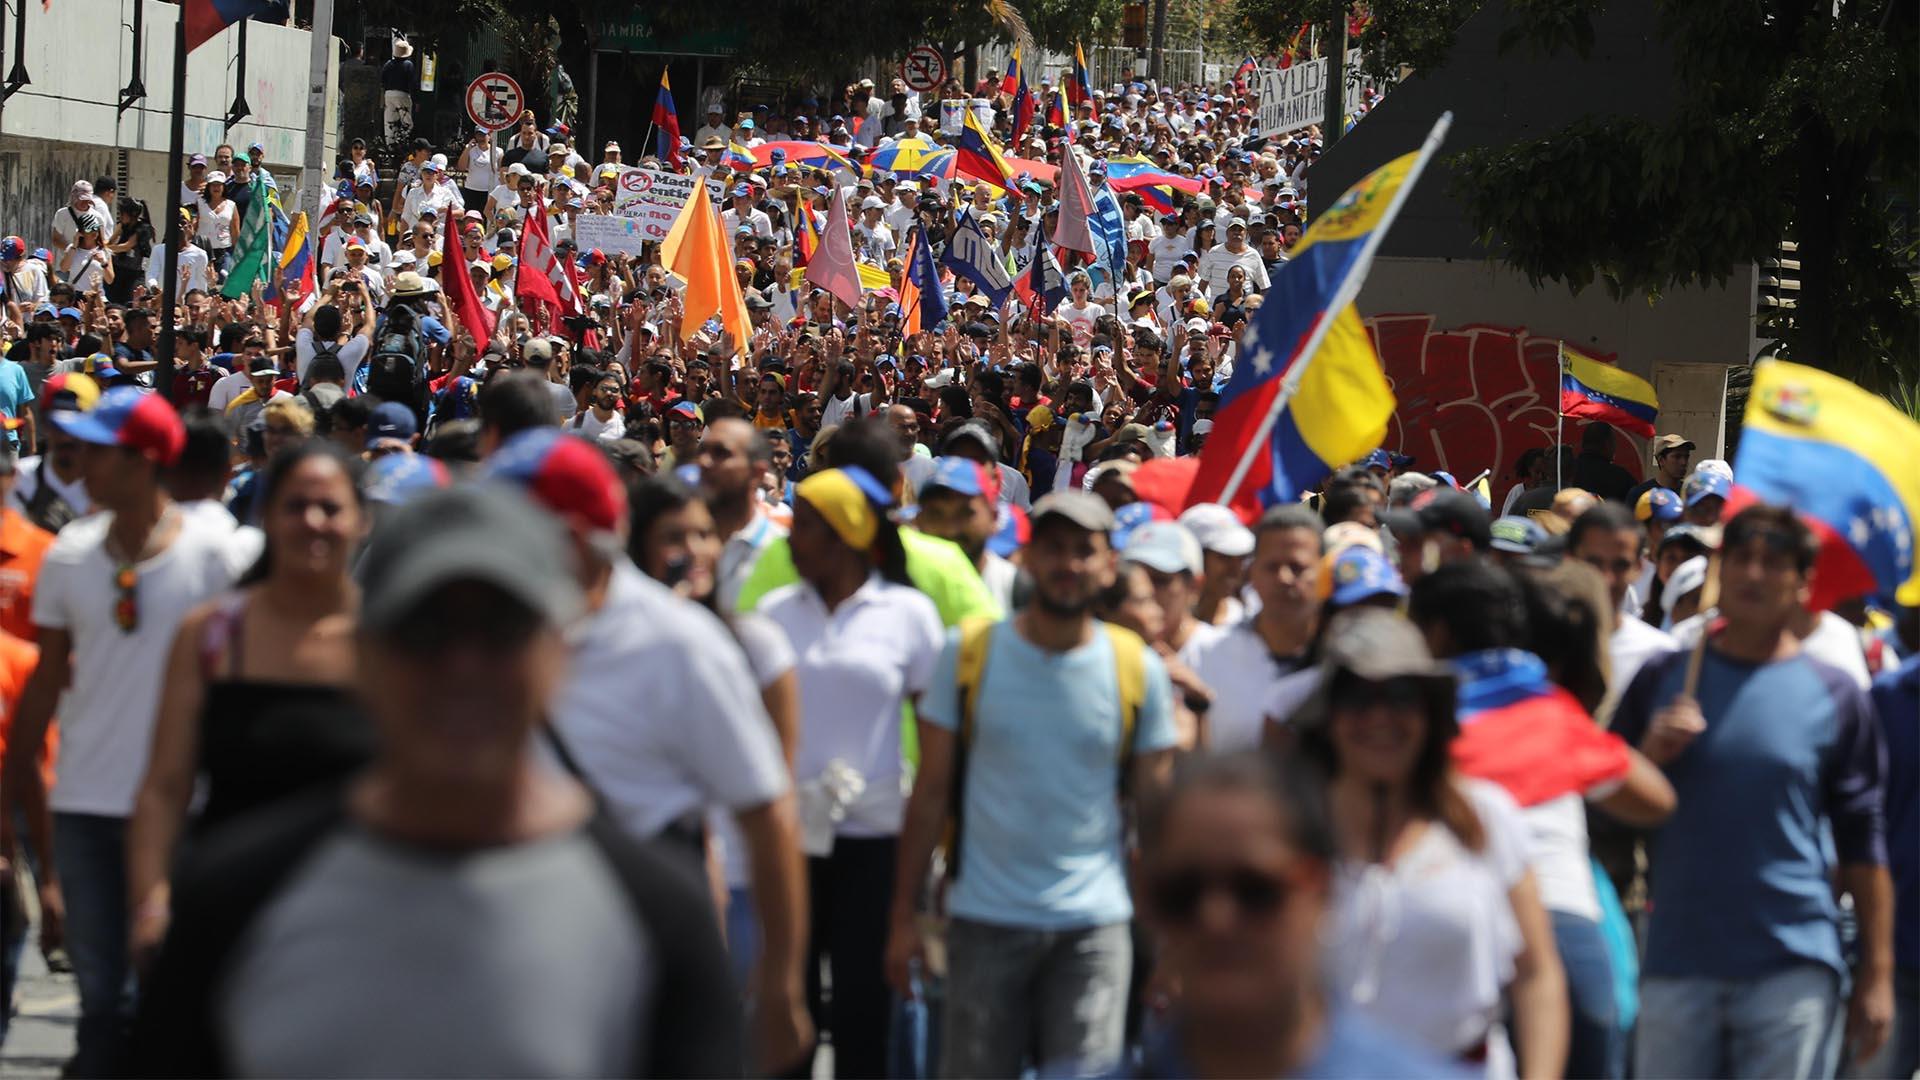 Miles de personas participan el sábado 23 de febrero en una manifestación a favor del ingreso de ayuda humanitaria a Venezuela hasta que el régimen comenzó a reprimir